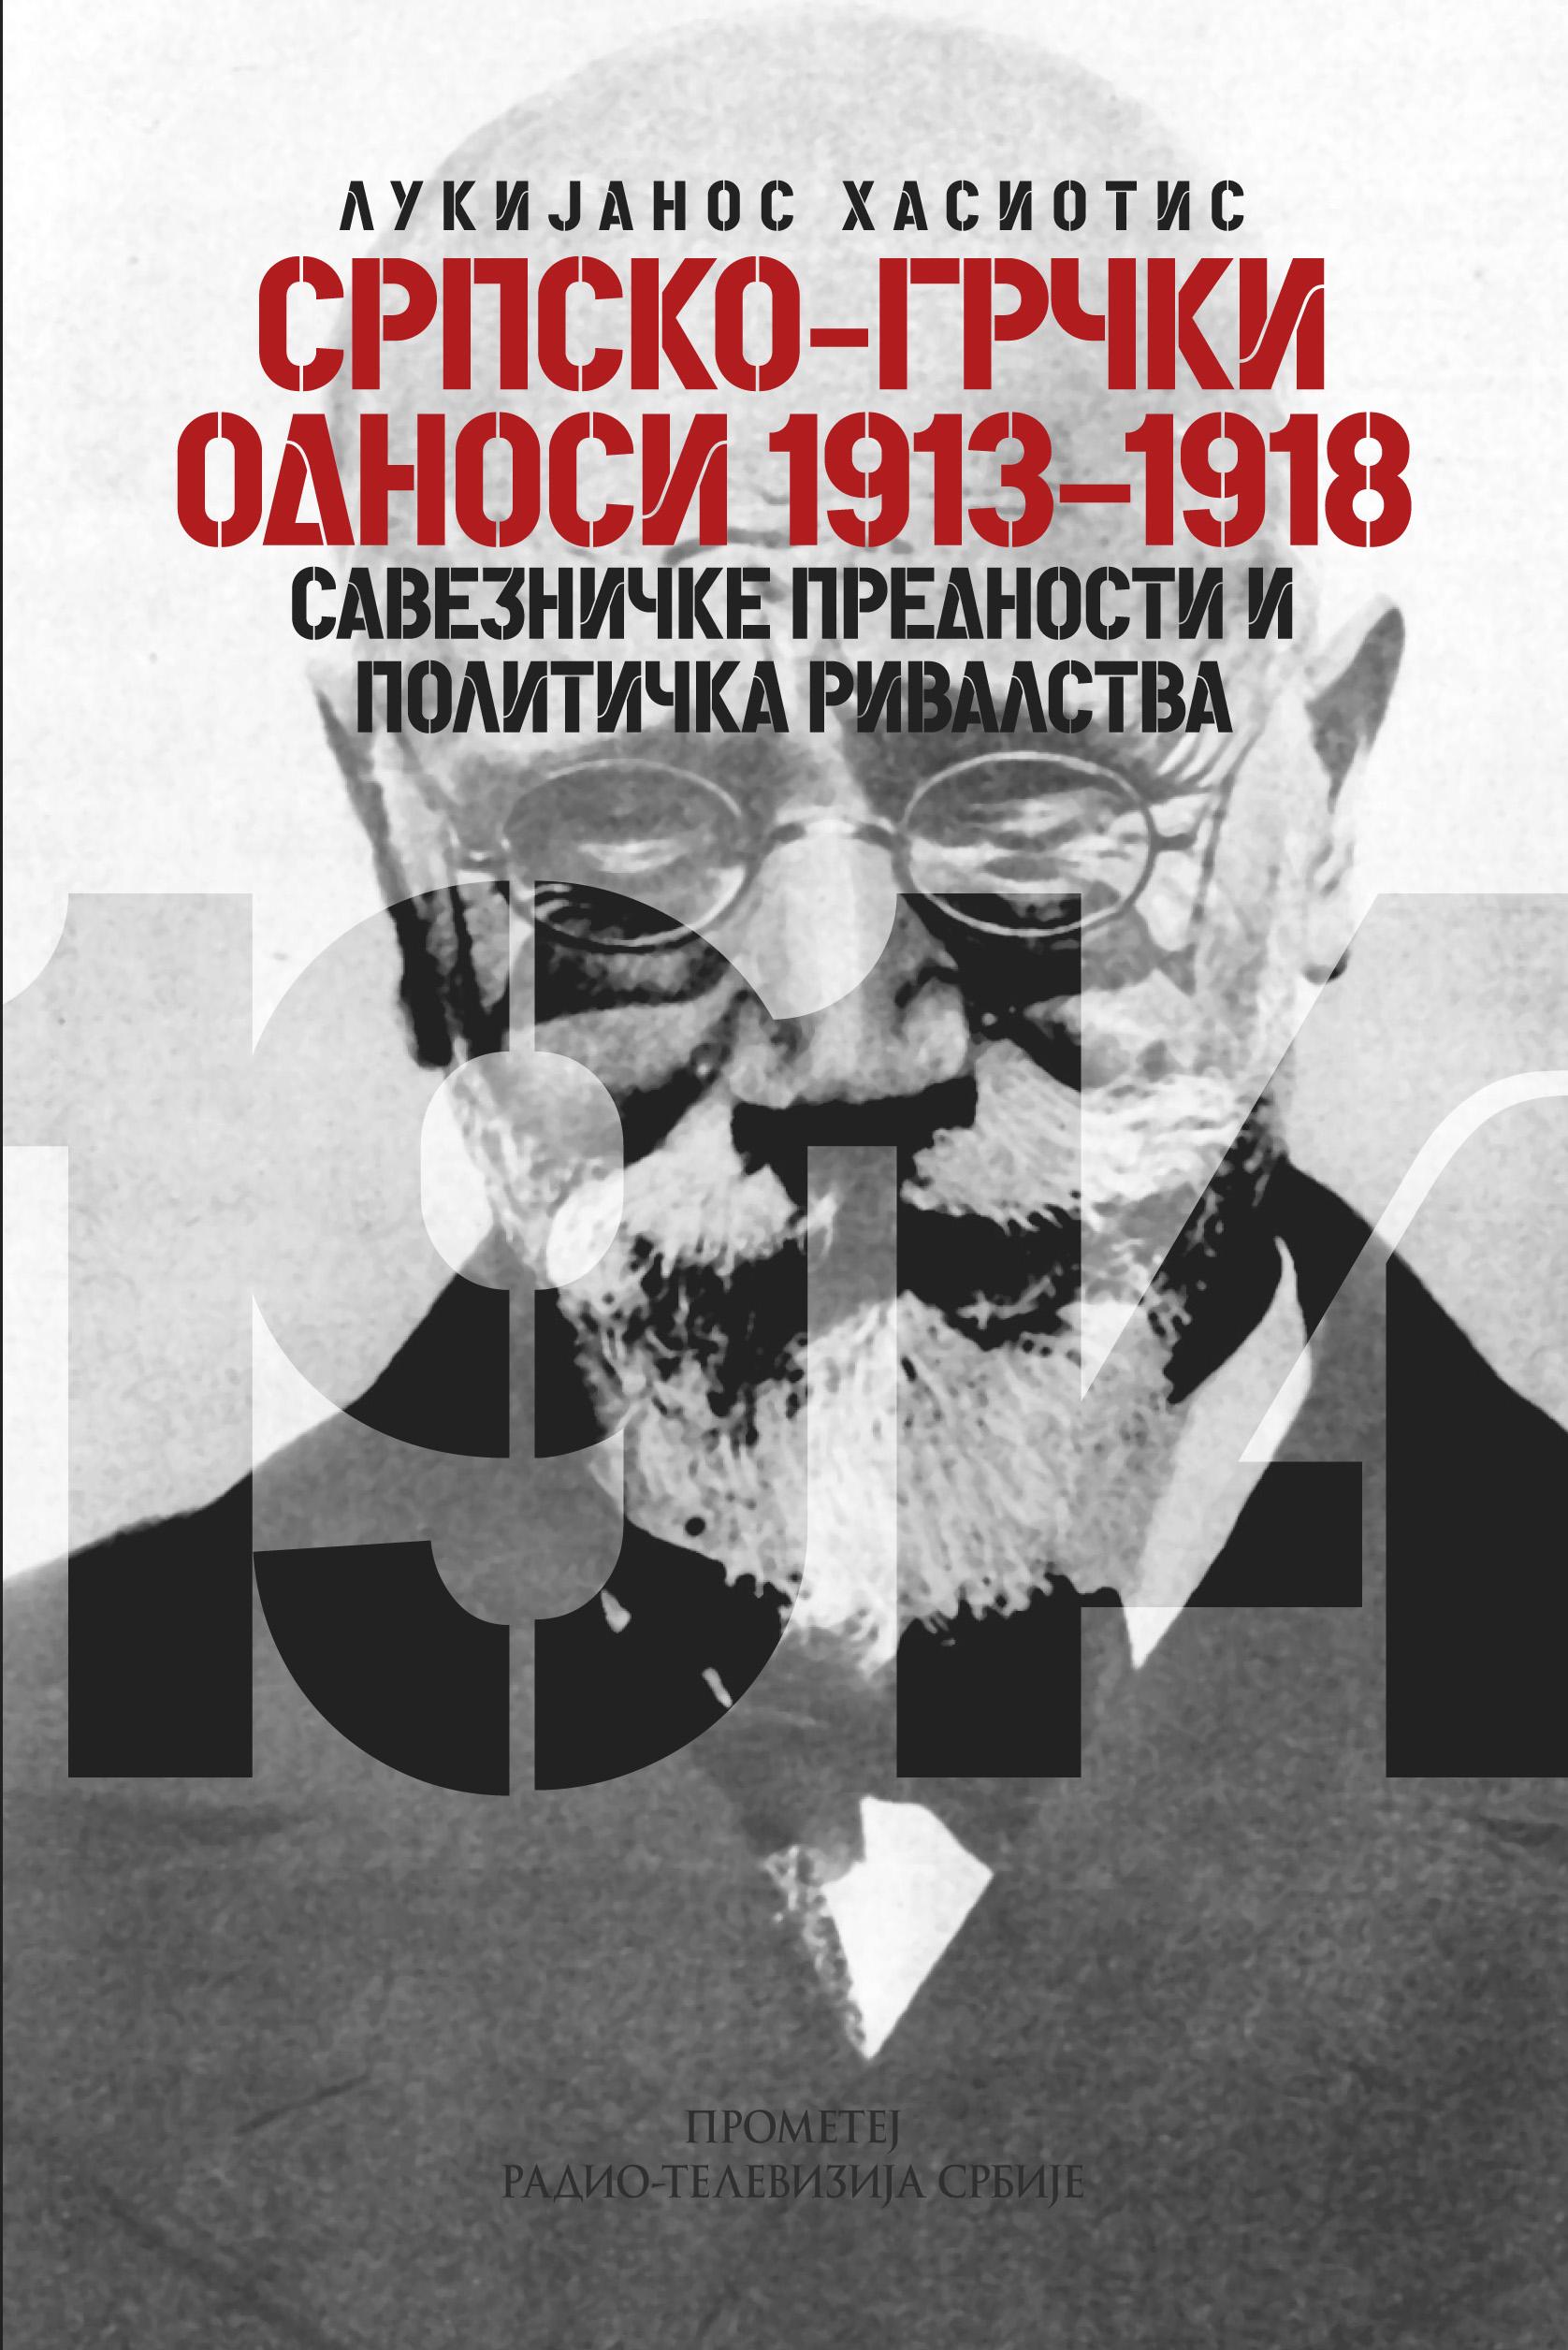 Grčko-srpski odnosi 1913-1918